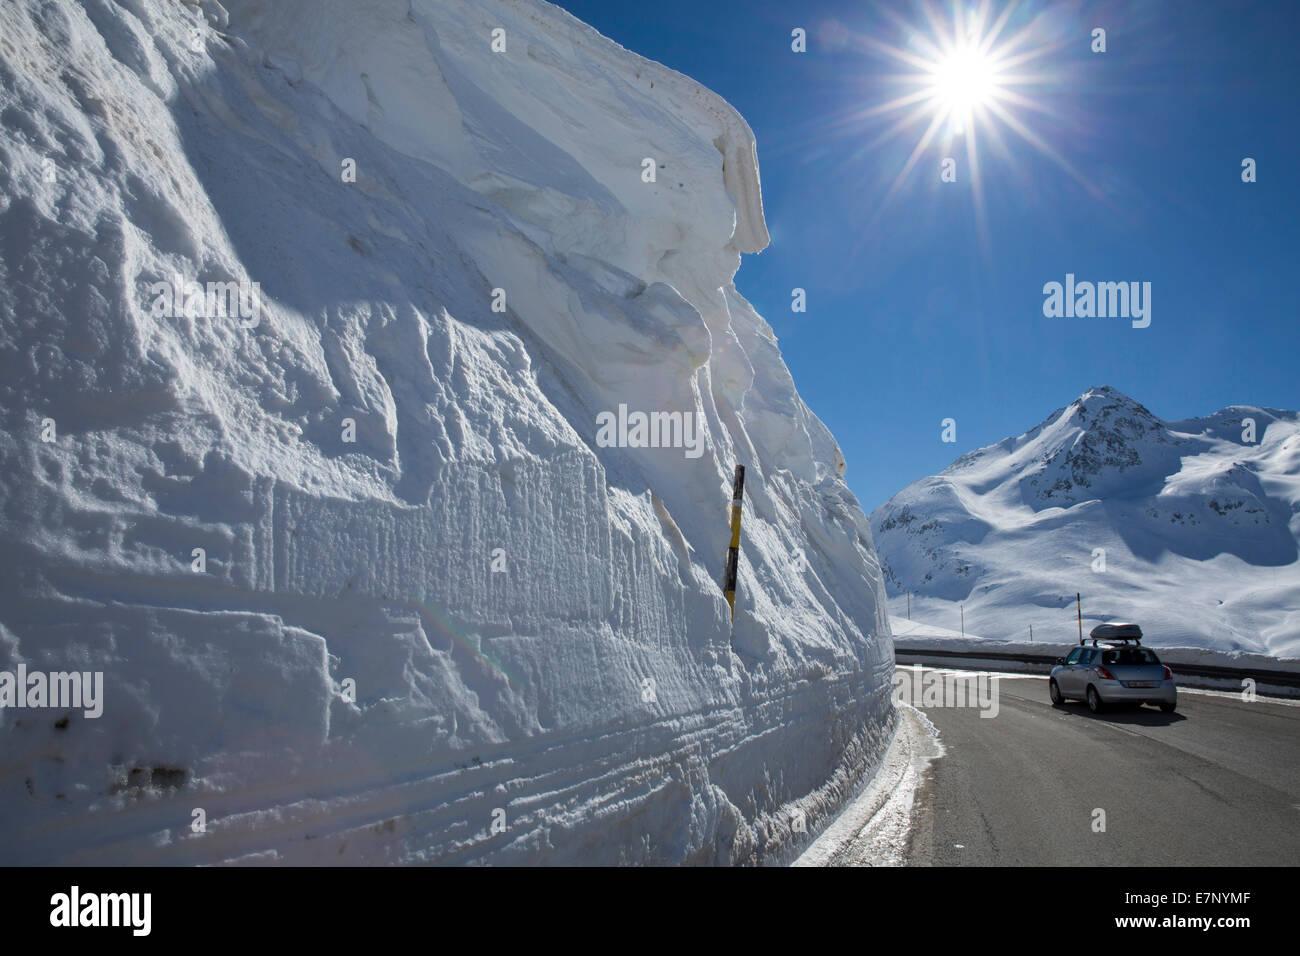 L'Engadine, Engadine, de haut, les murs de neige, col de la Bernina, rue, hiver, canton, GR, Grisons, Grisons, Photo Stock